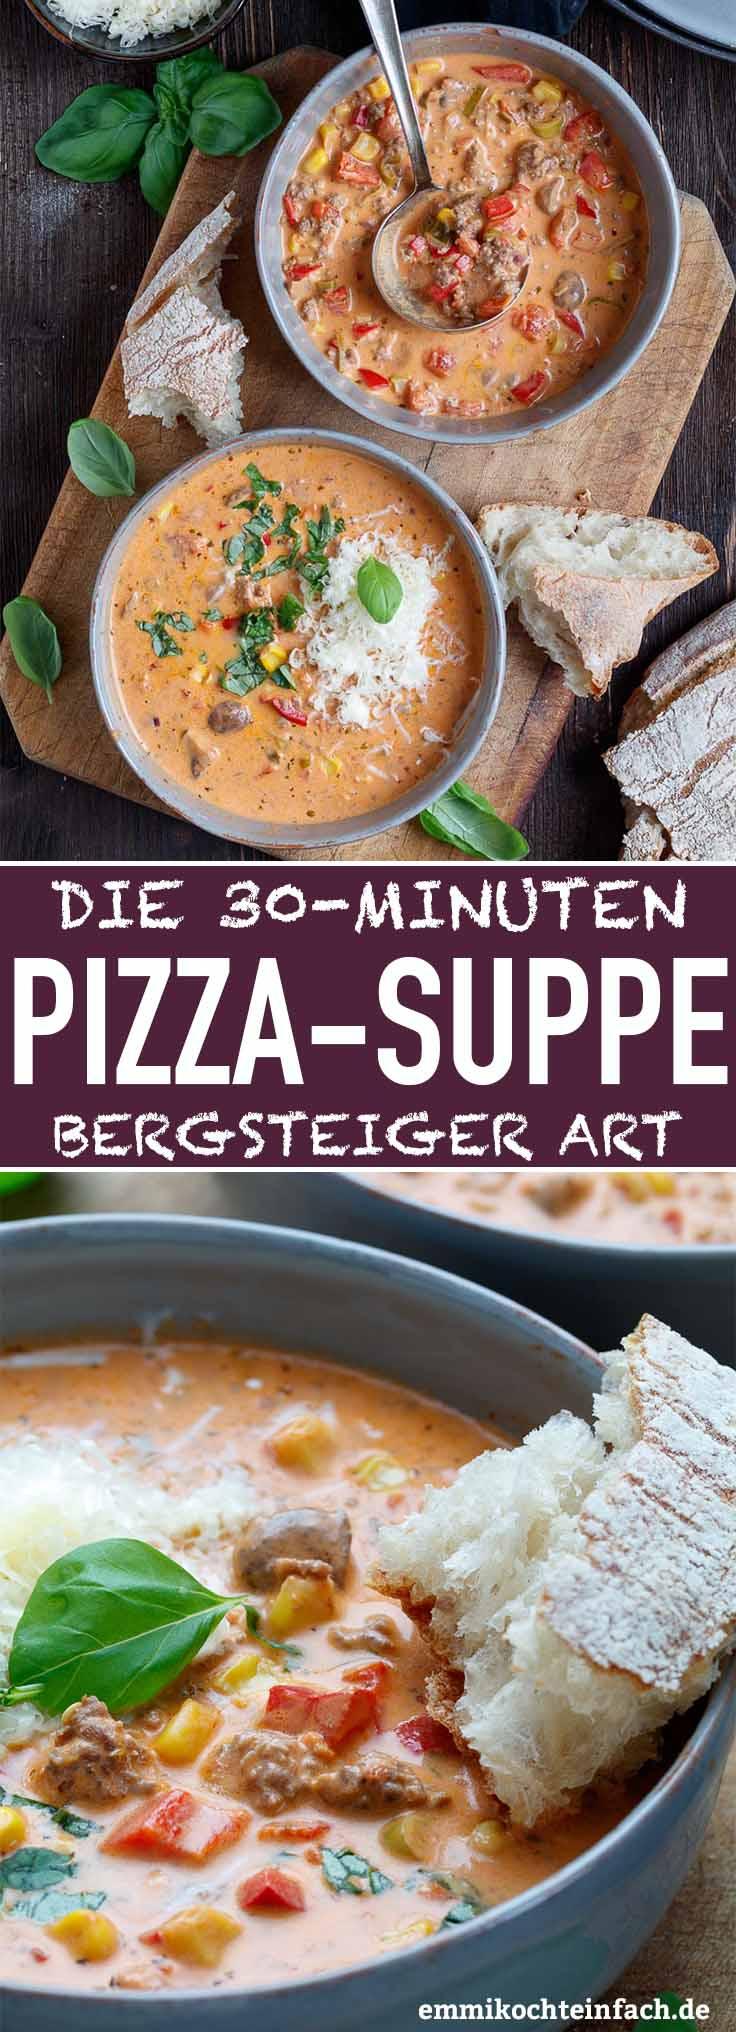 Schnelle Pizzasuppe Bergsteiger Art - www.emmikochteinfach.de